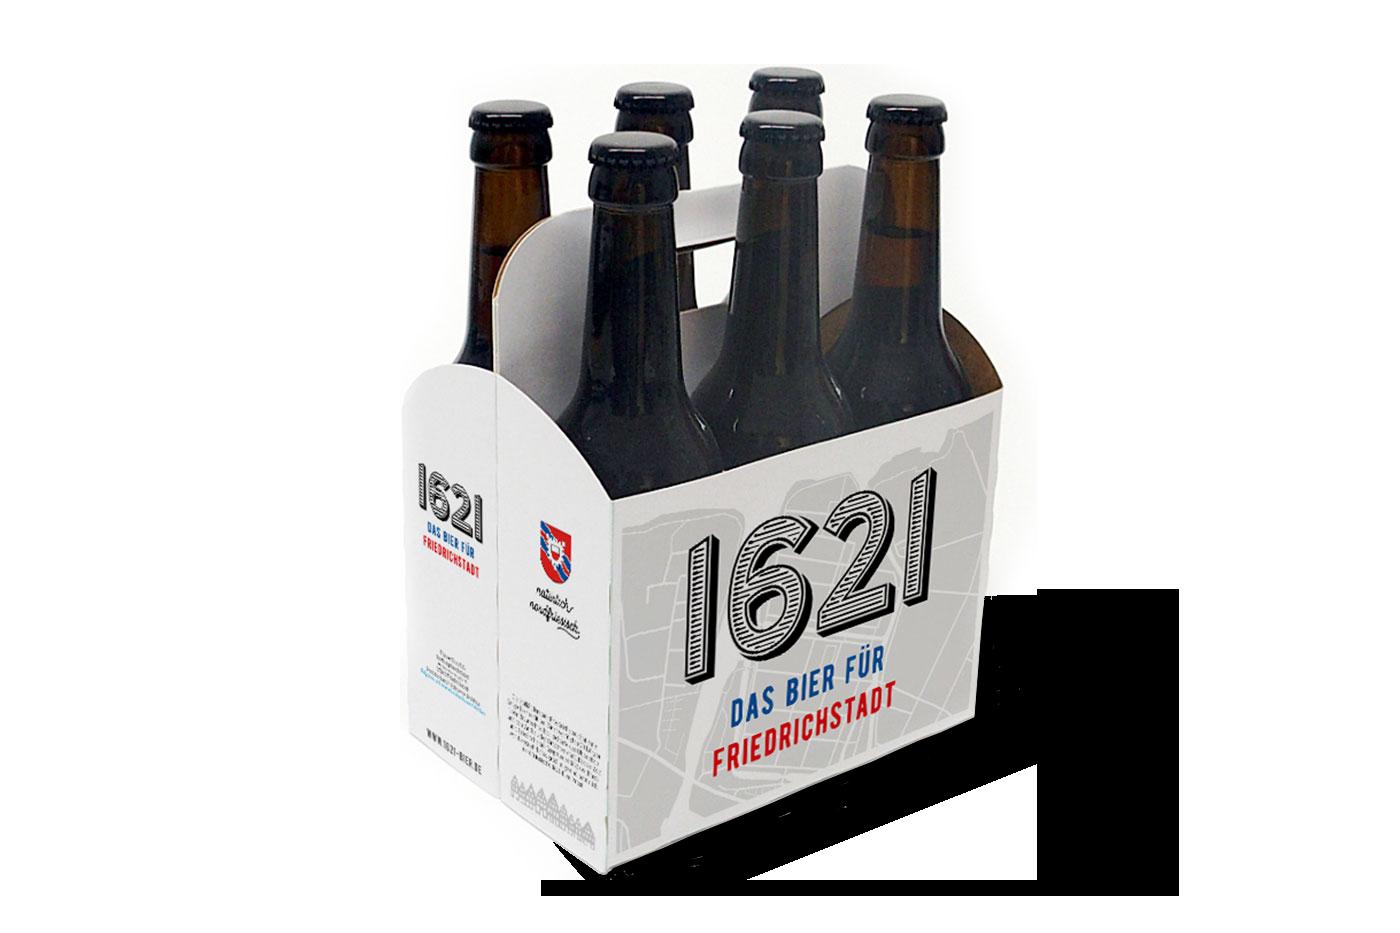 1621 Das Bier für Friedrichstadt Sixpack